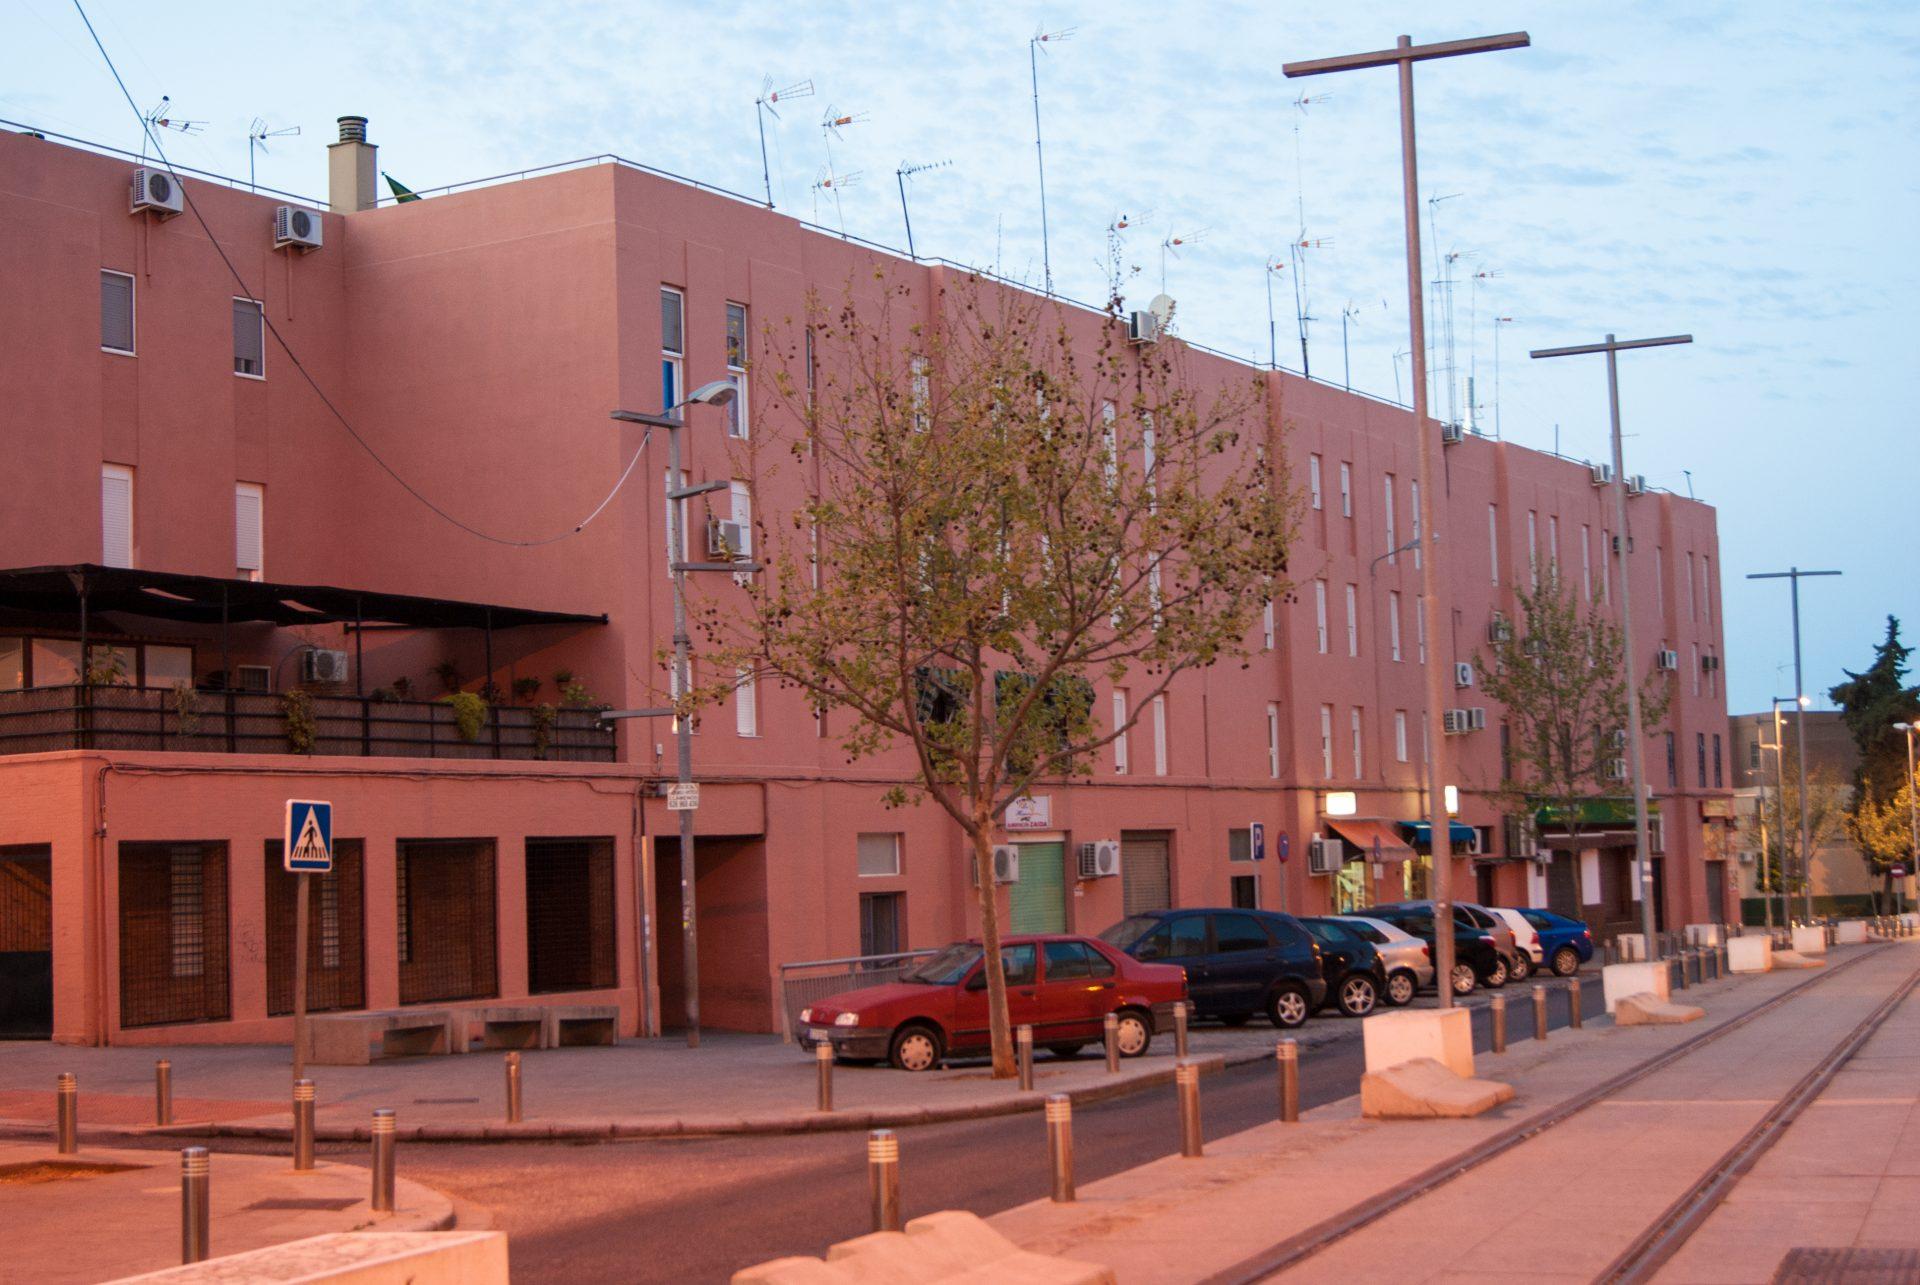 La junta licita la reurbanizaci n de los pisos rosas de alcal con un presupuesto de - Pisos de la junta de andalucia ...